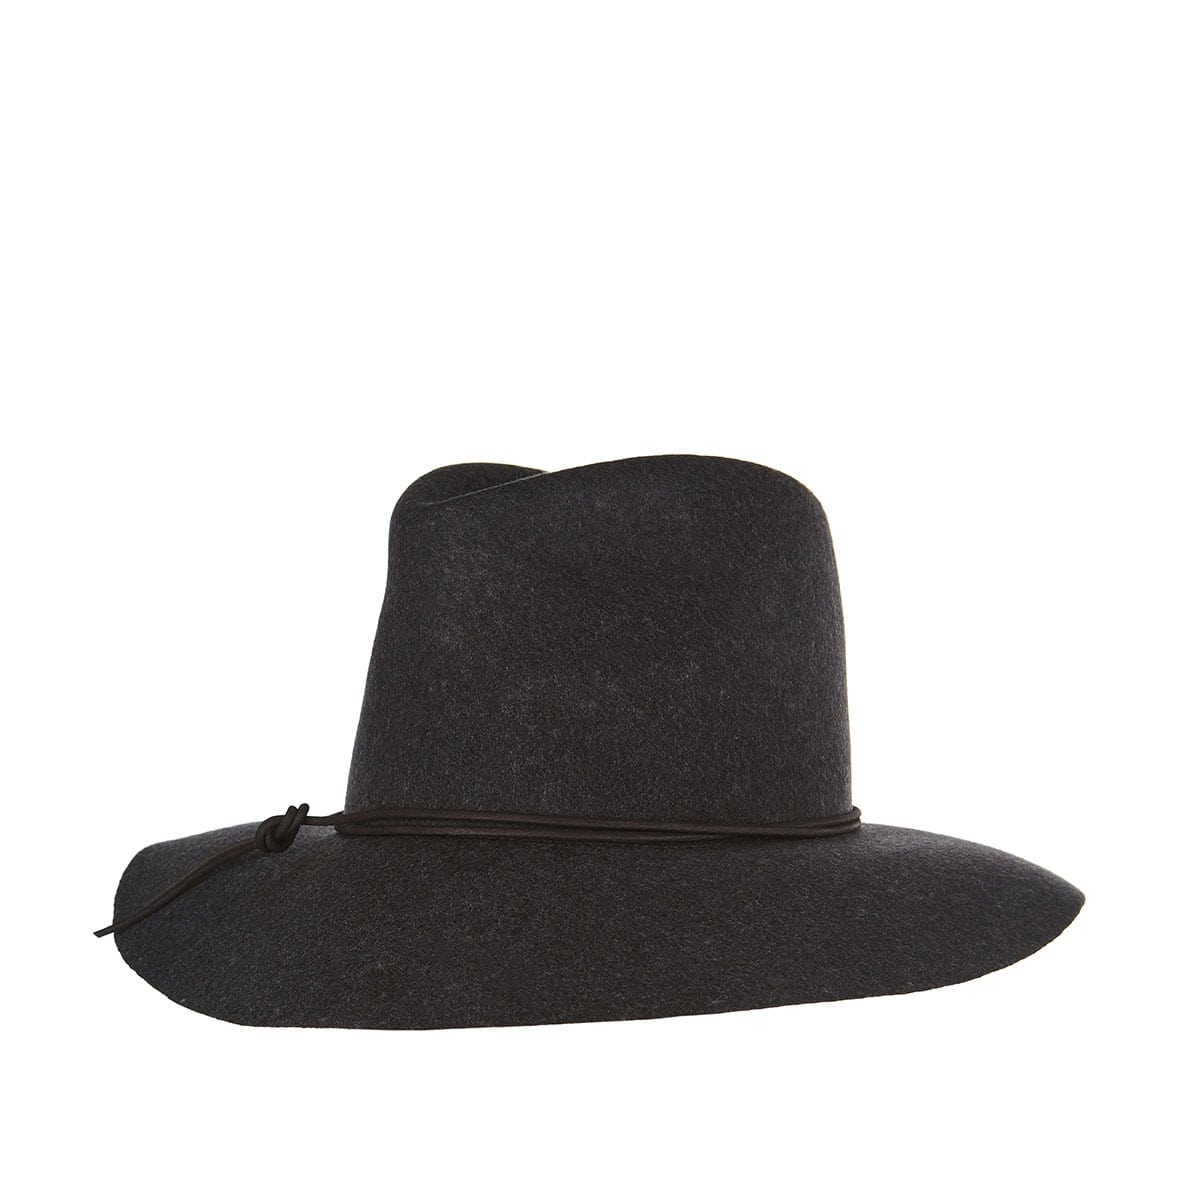 Kinly wool-felt fedora hat